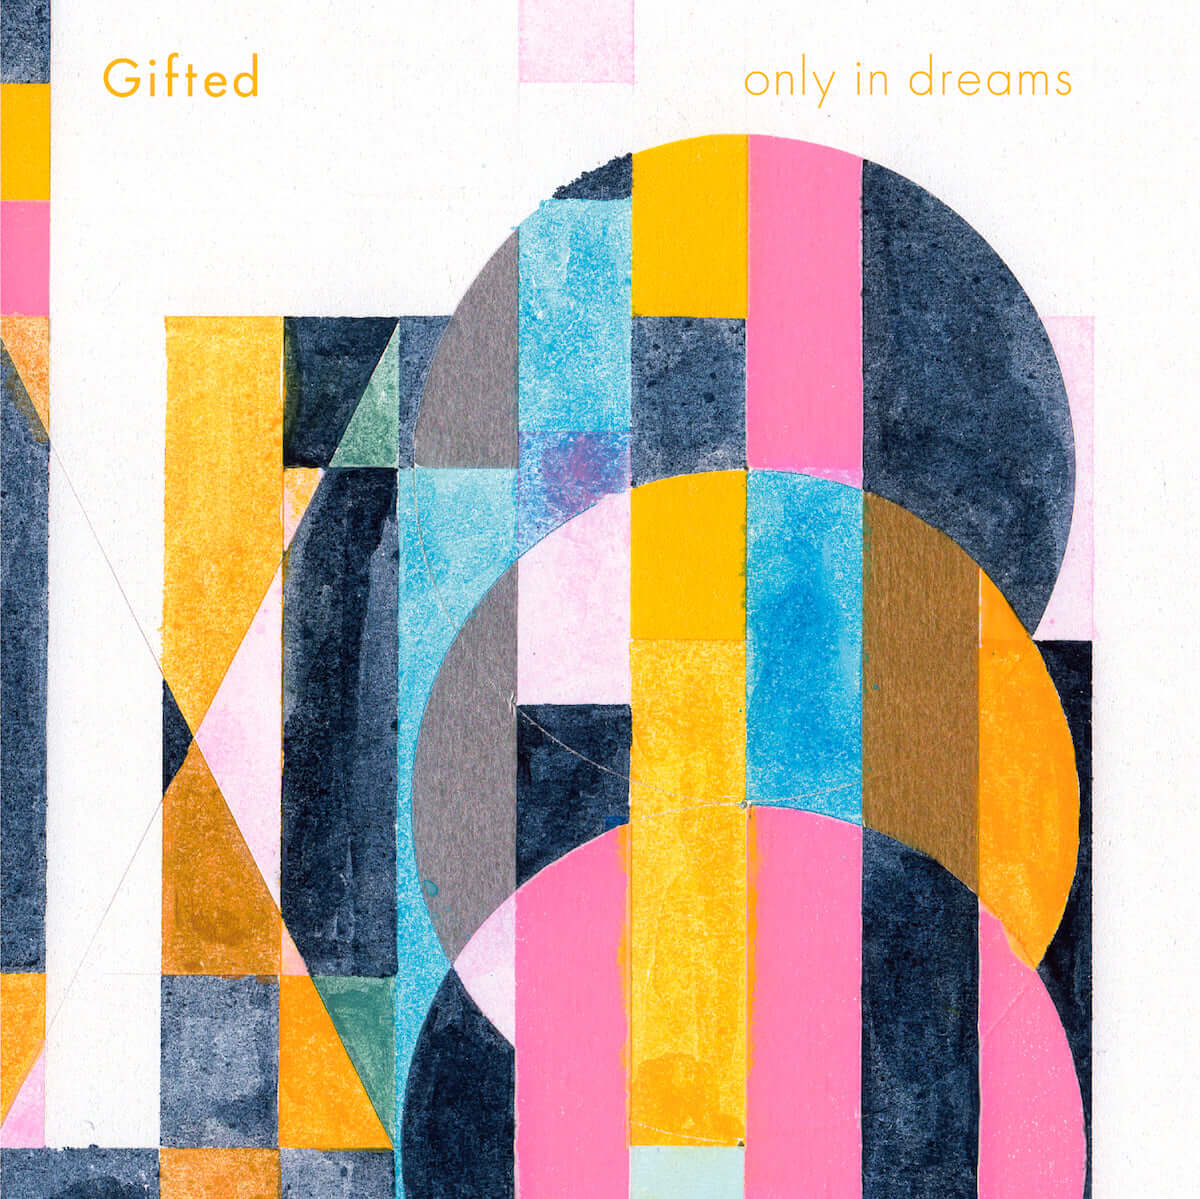 アジカン後藤正文主宰〈only in dreams〉のコンピの聴きどころを、後藤自身を始め、ニック・ムーン、Okada Takuroら各アーティストが語る! music181022_oid_01-1200x1199